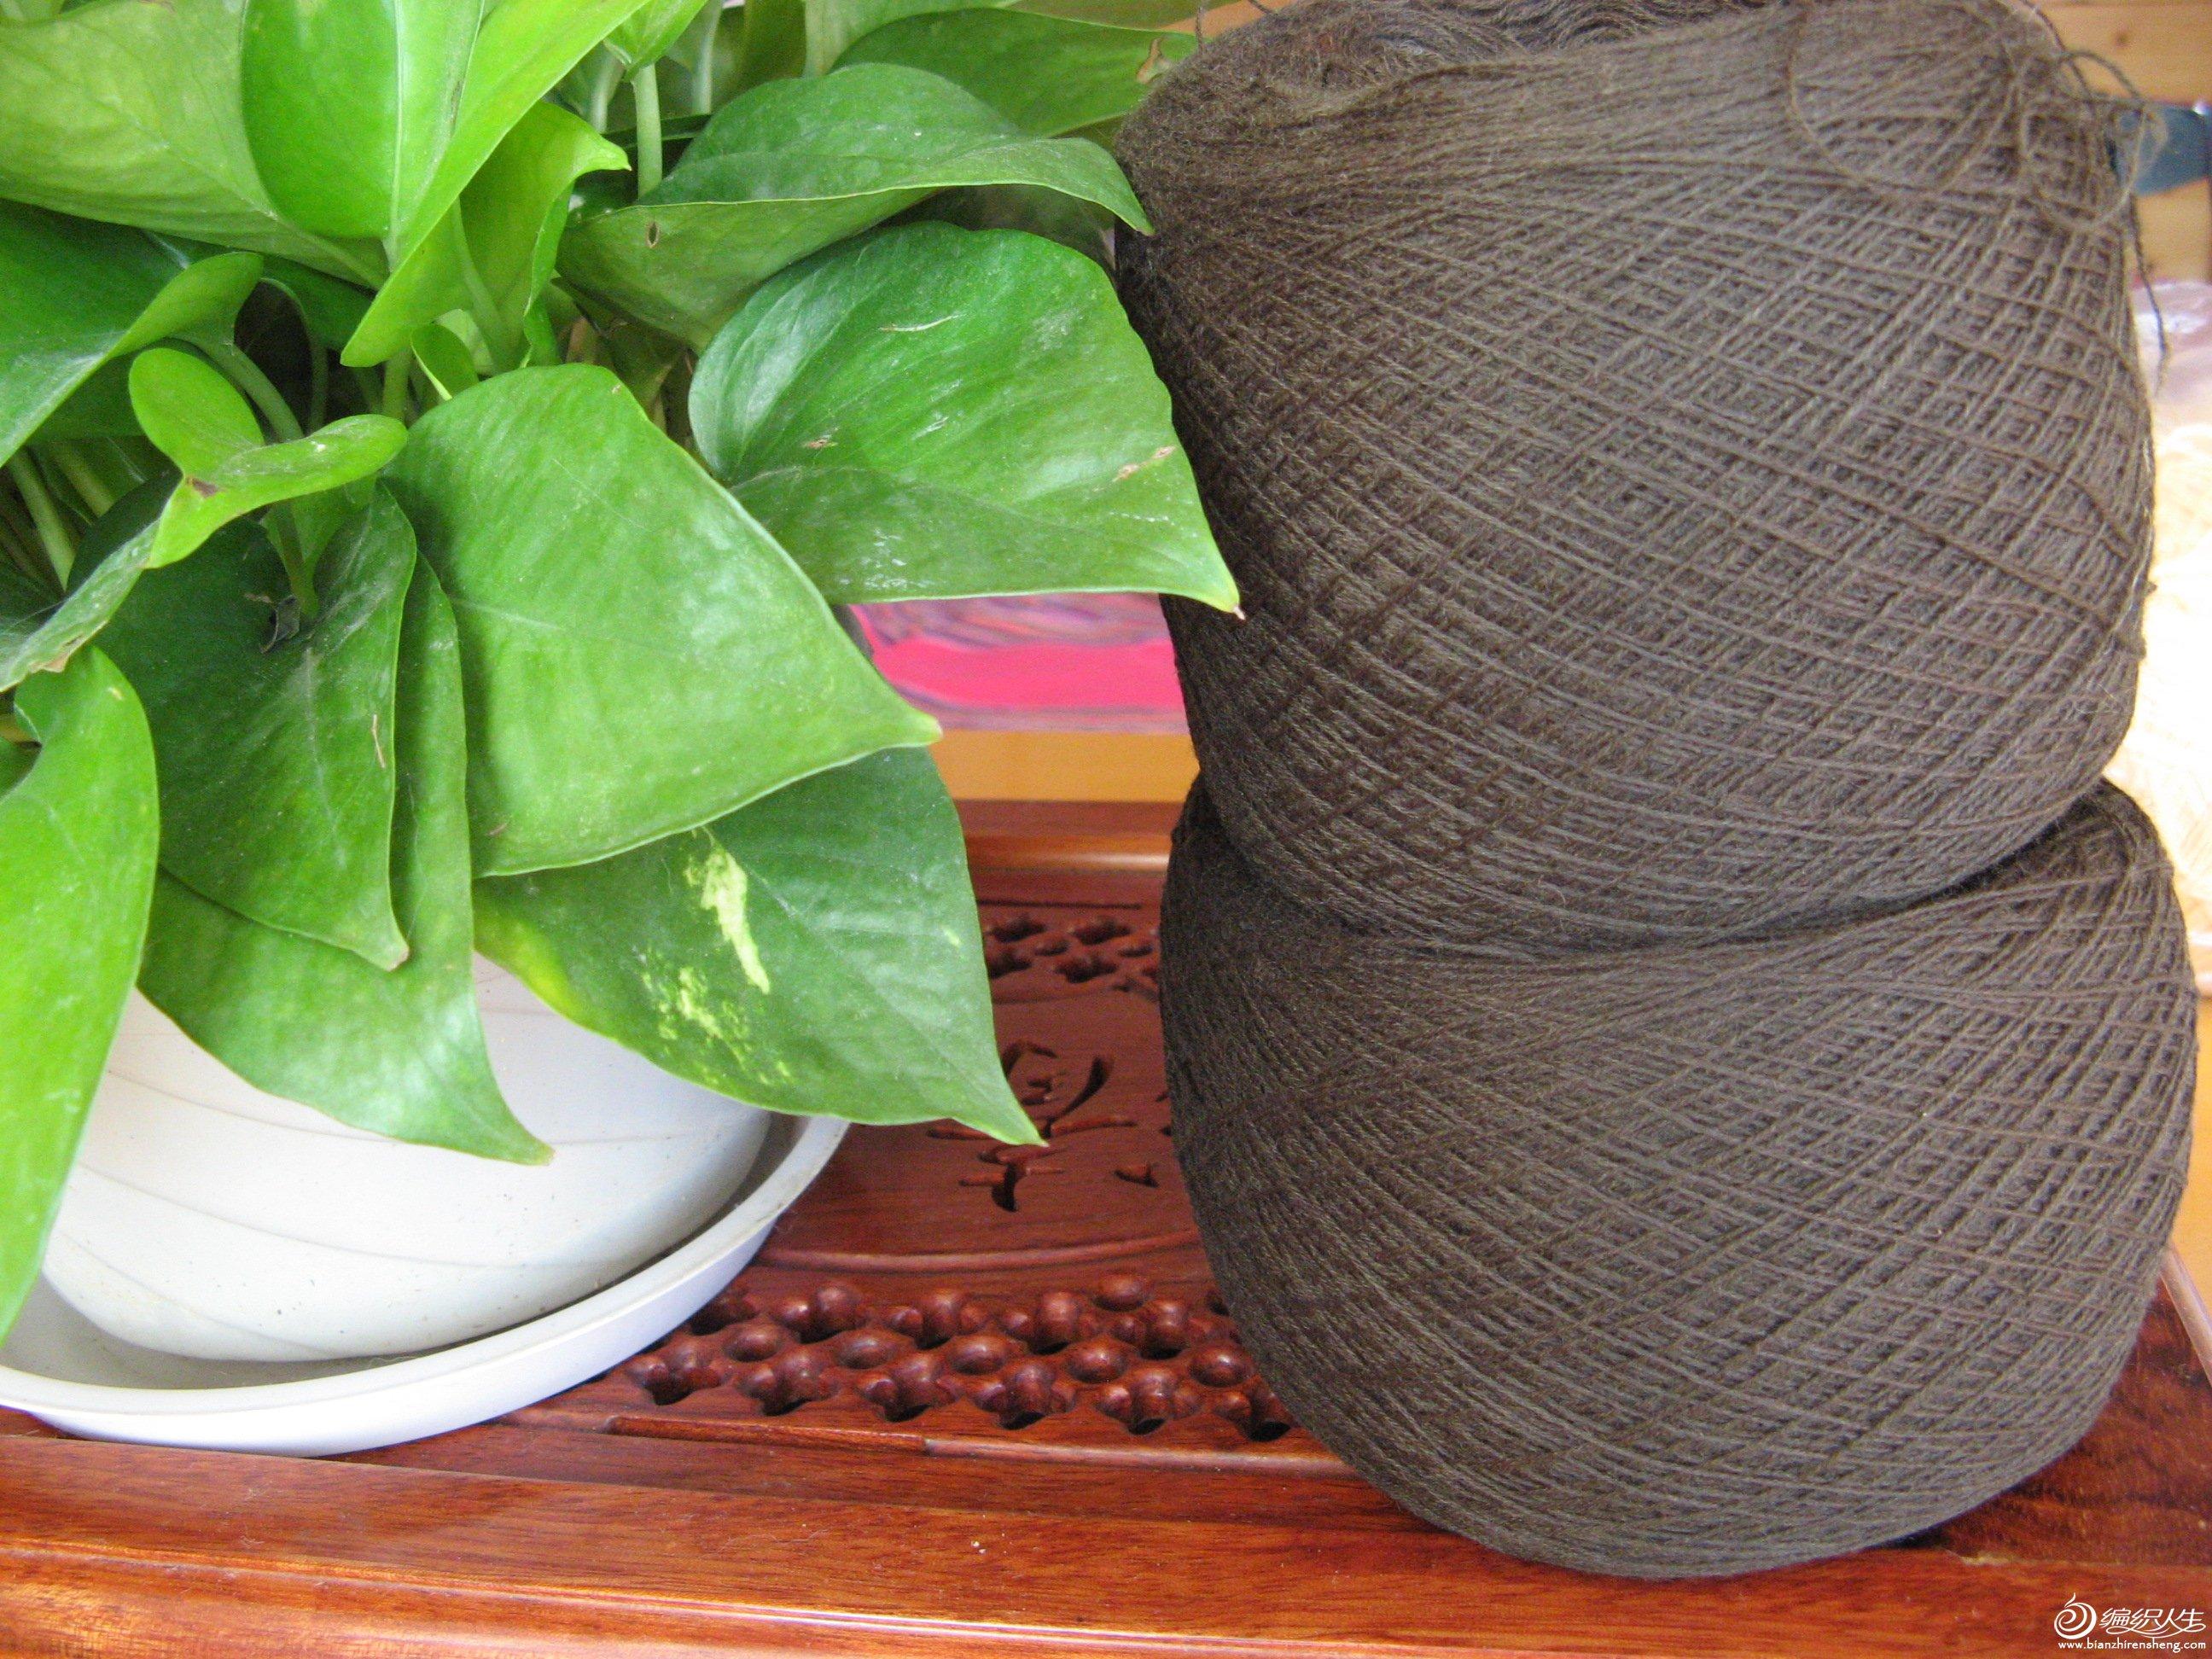 家驼绒咸菜绿色(有色差,实际颜色接近深军绿),含羊绒5%,843g,109元